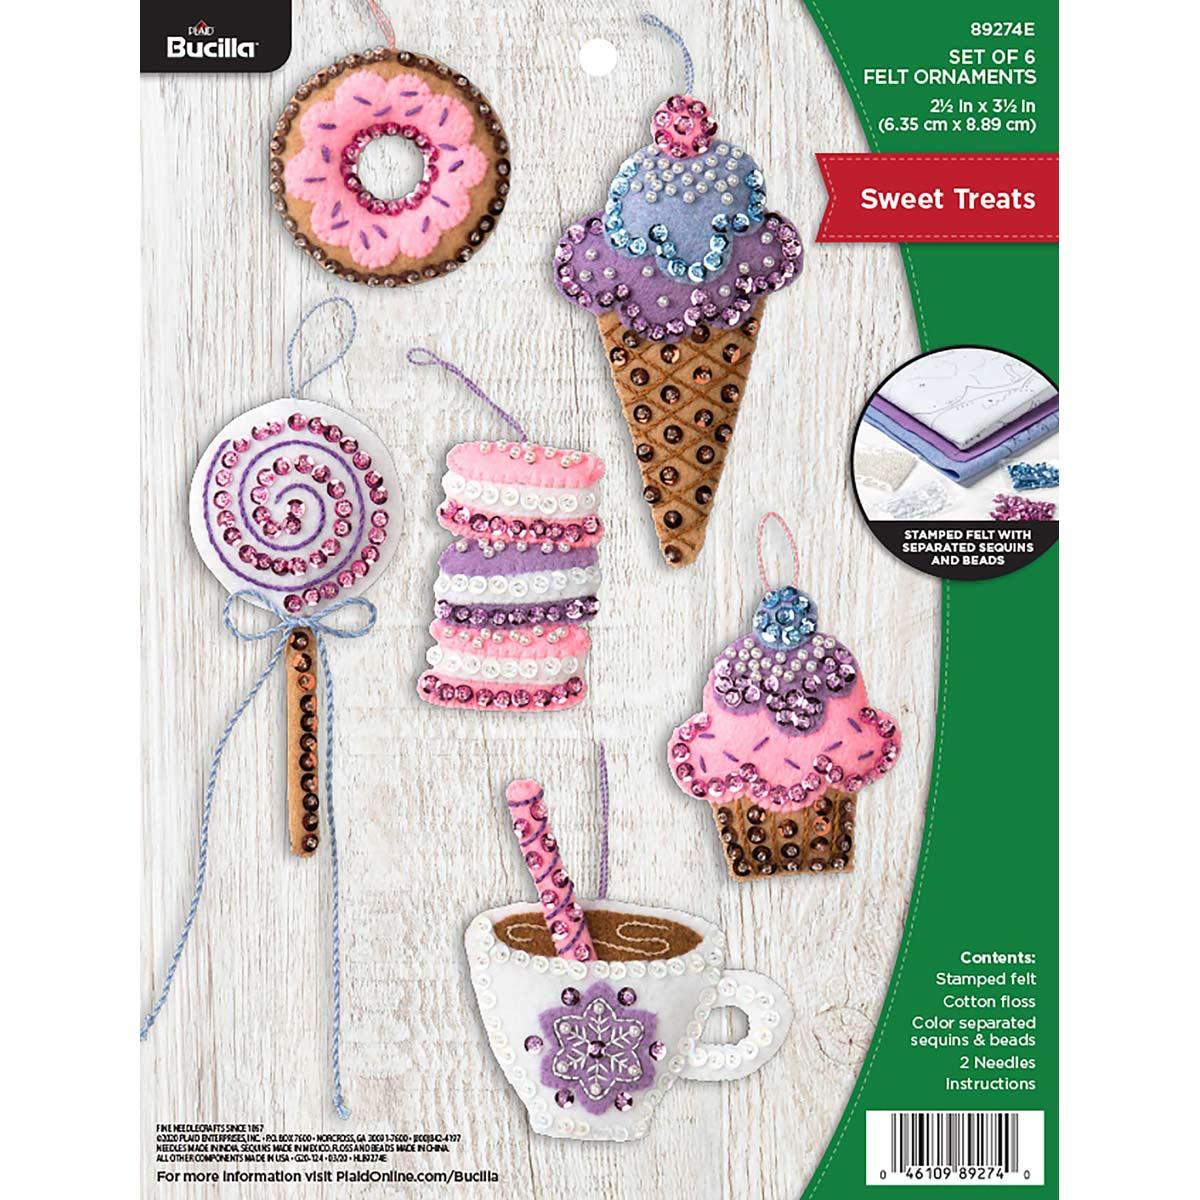 Bucilla ® Seasonal - Felt - Ornament Kits - Sweet Treats - 89274E